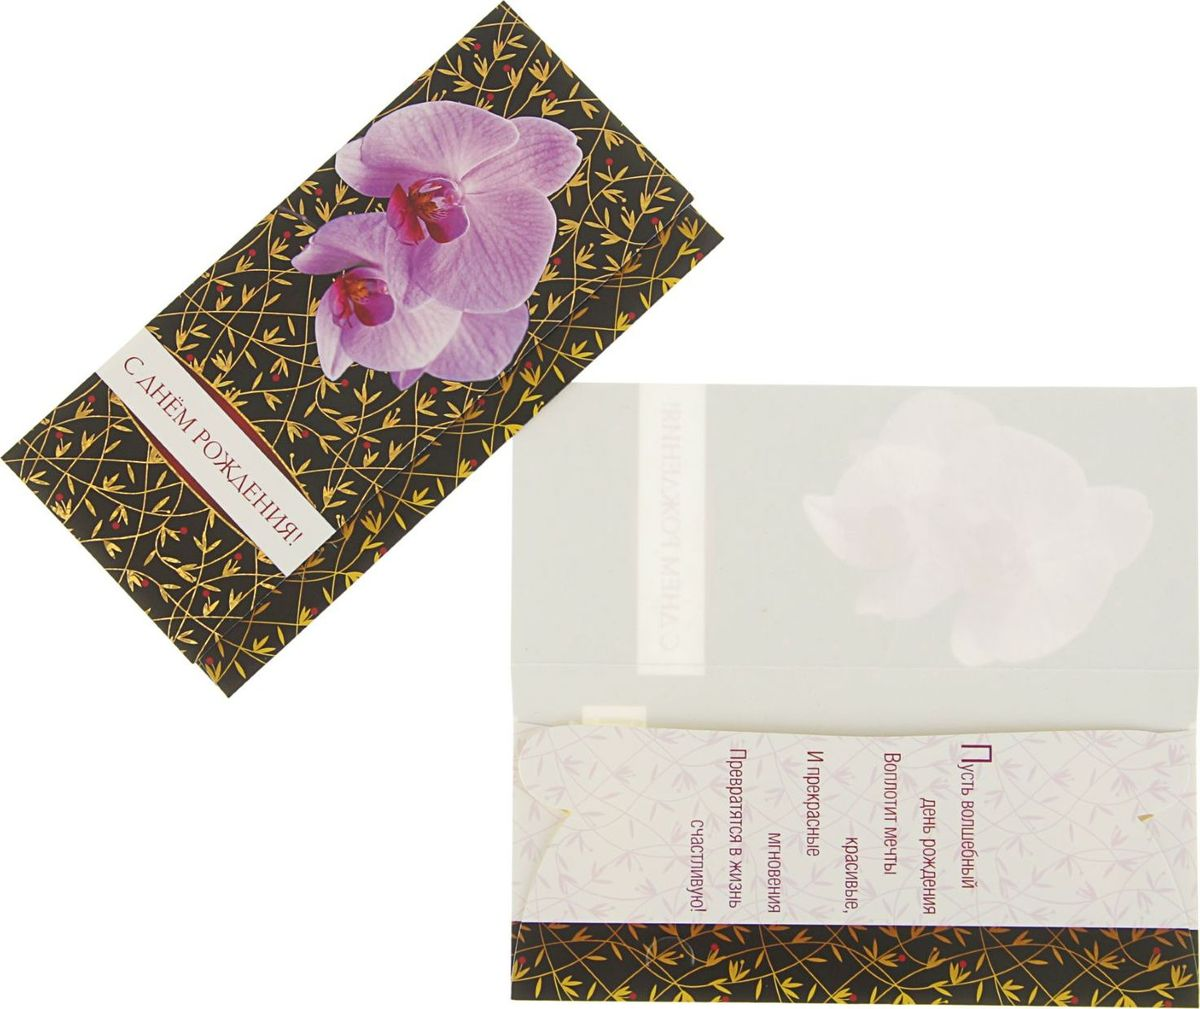 Конверт для денег Гранд Дизайн С Днем Рождения! Орхидея розовая, 16,3 х 8,3 см2422936Невозможно представить нашу жизнь без праздников! Мы всегда ждём их и предвкушаем, обдумываем, как проведём памятный день, тщательно выбираем подарки и аксессуары, ведь именно они создают и поддерживают торжественный настрой. Этот конверт для денег - отличный выбор, который привнесёт атмосферу праздника в ваш дом!